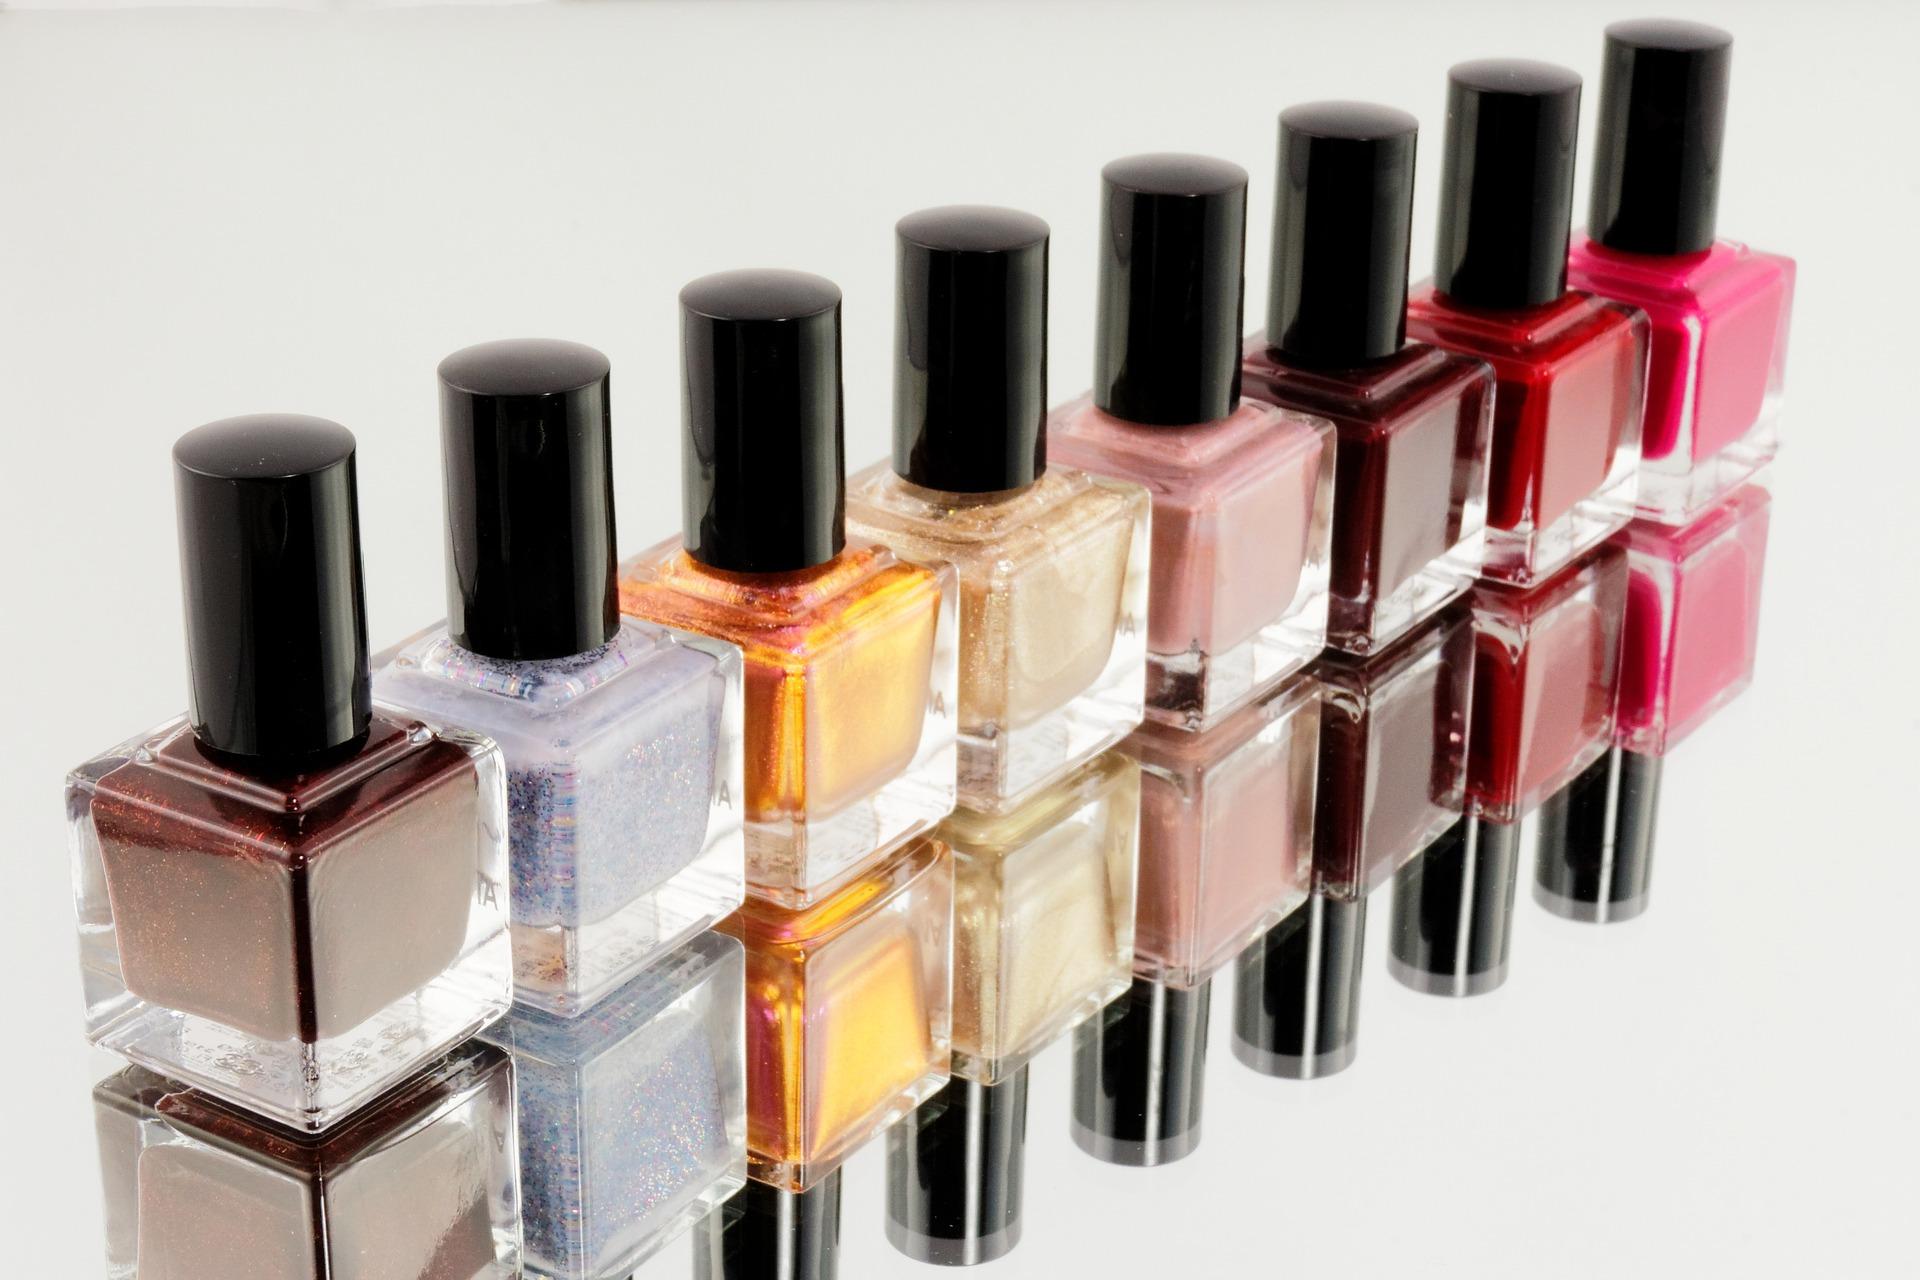 Nagellack in verschiedenen Farben von Pixabay von Bru-nO